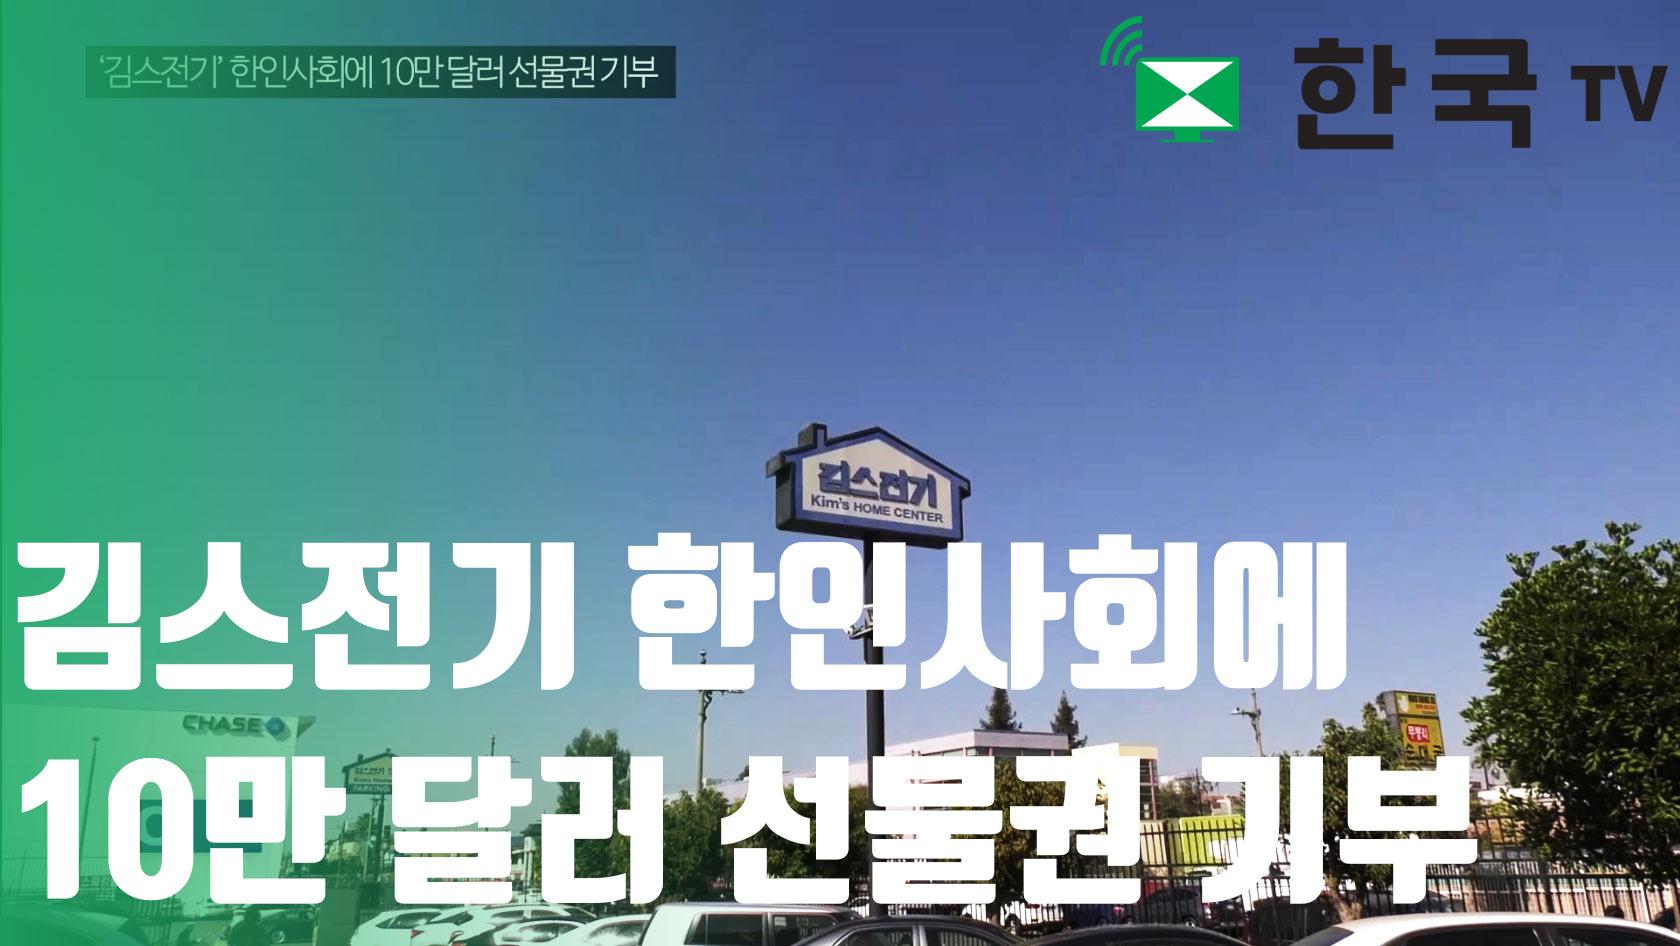 김스전기 한인사회에 10만달러 선물권 기부